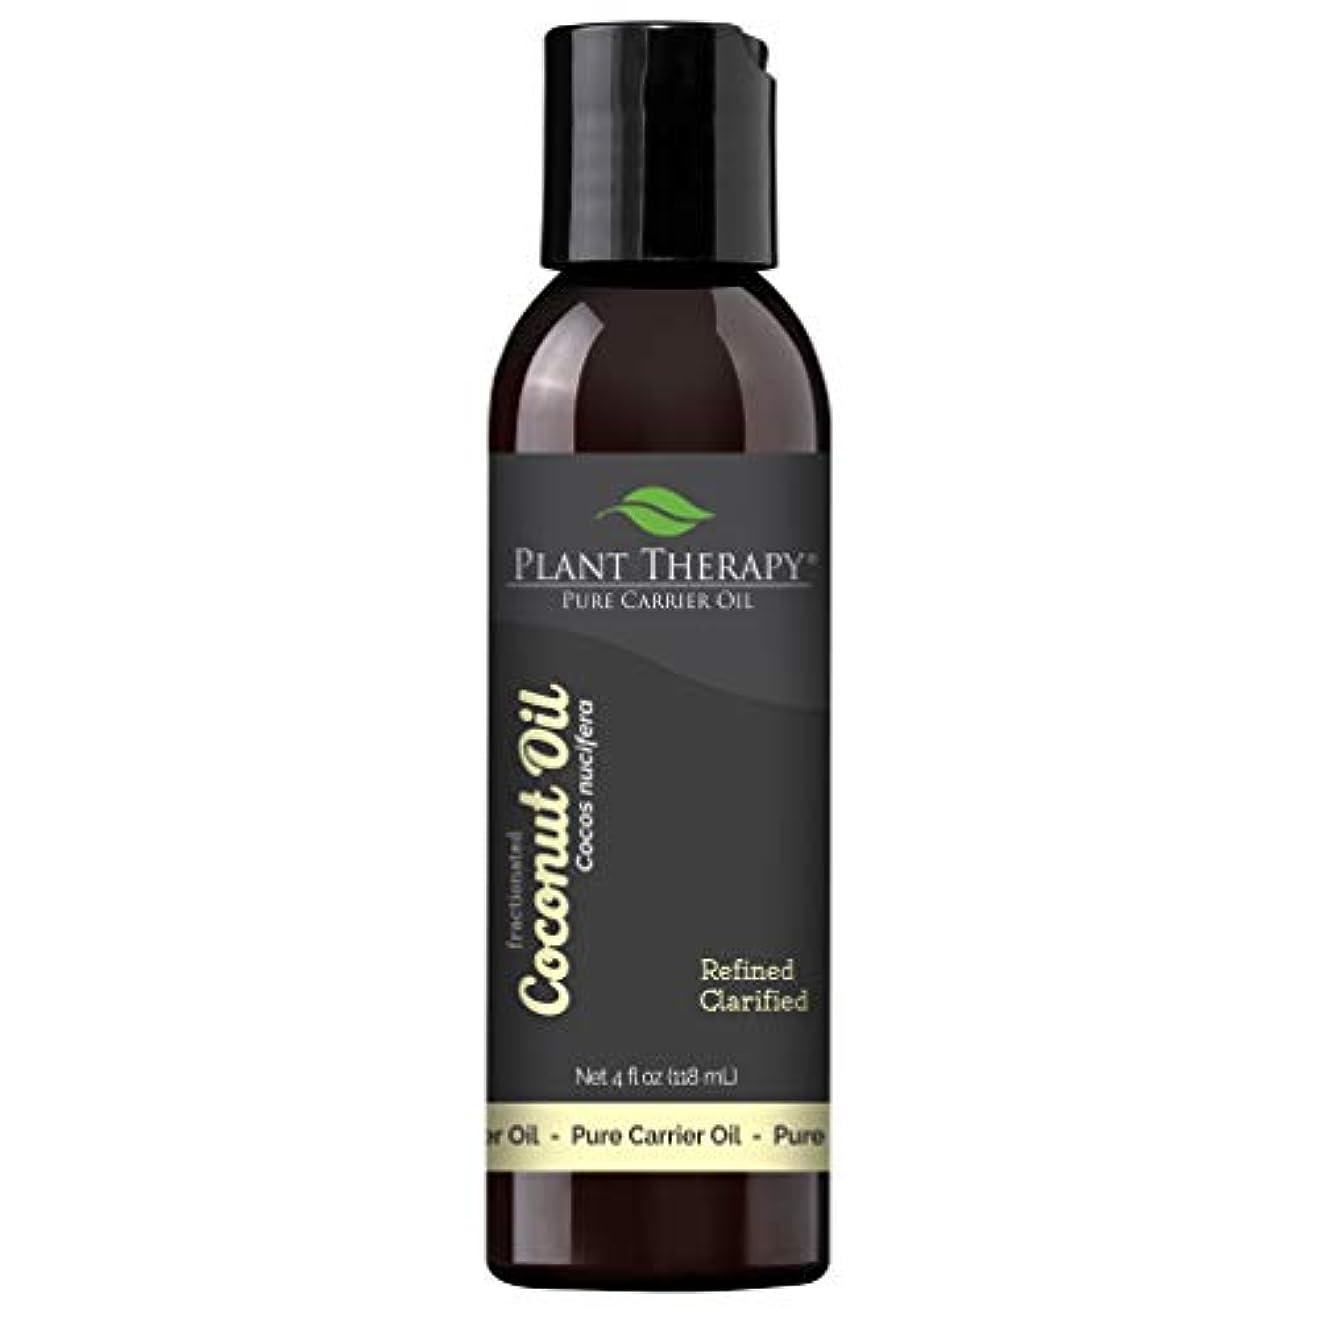 スキームまどろみのある時間Plant Therapy Essential Oils (プラントセラピー エッセンシャルオイル) ココナッツ (分別蒸留) 4 オンス キャリアオイル